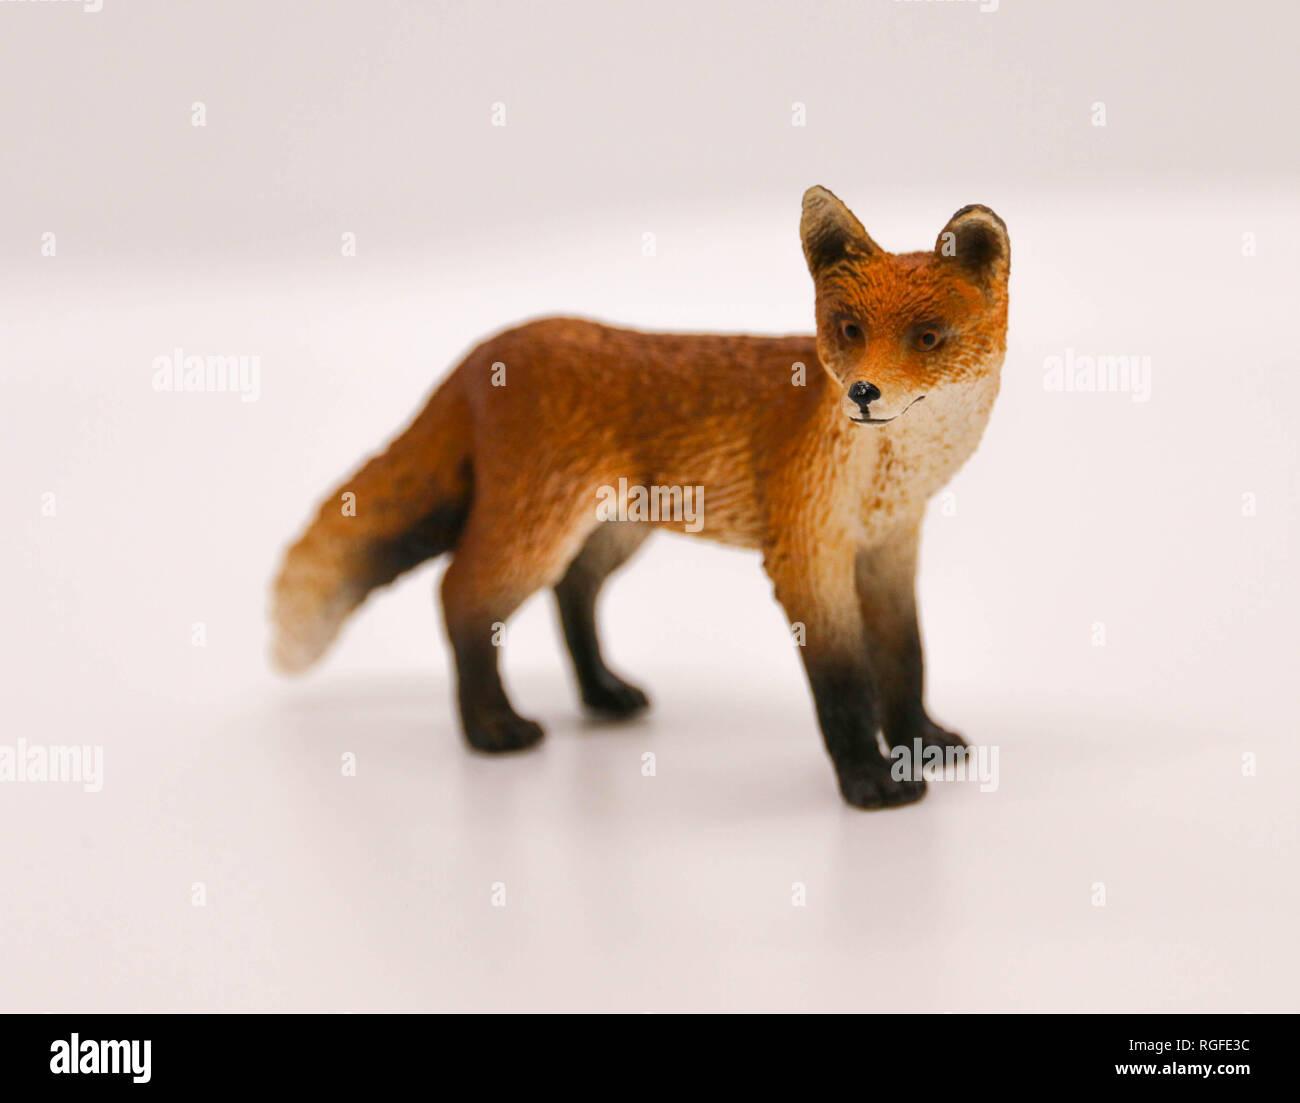 Fox lifelike sculpture figure - Stock Image